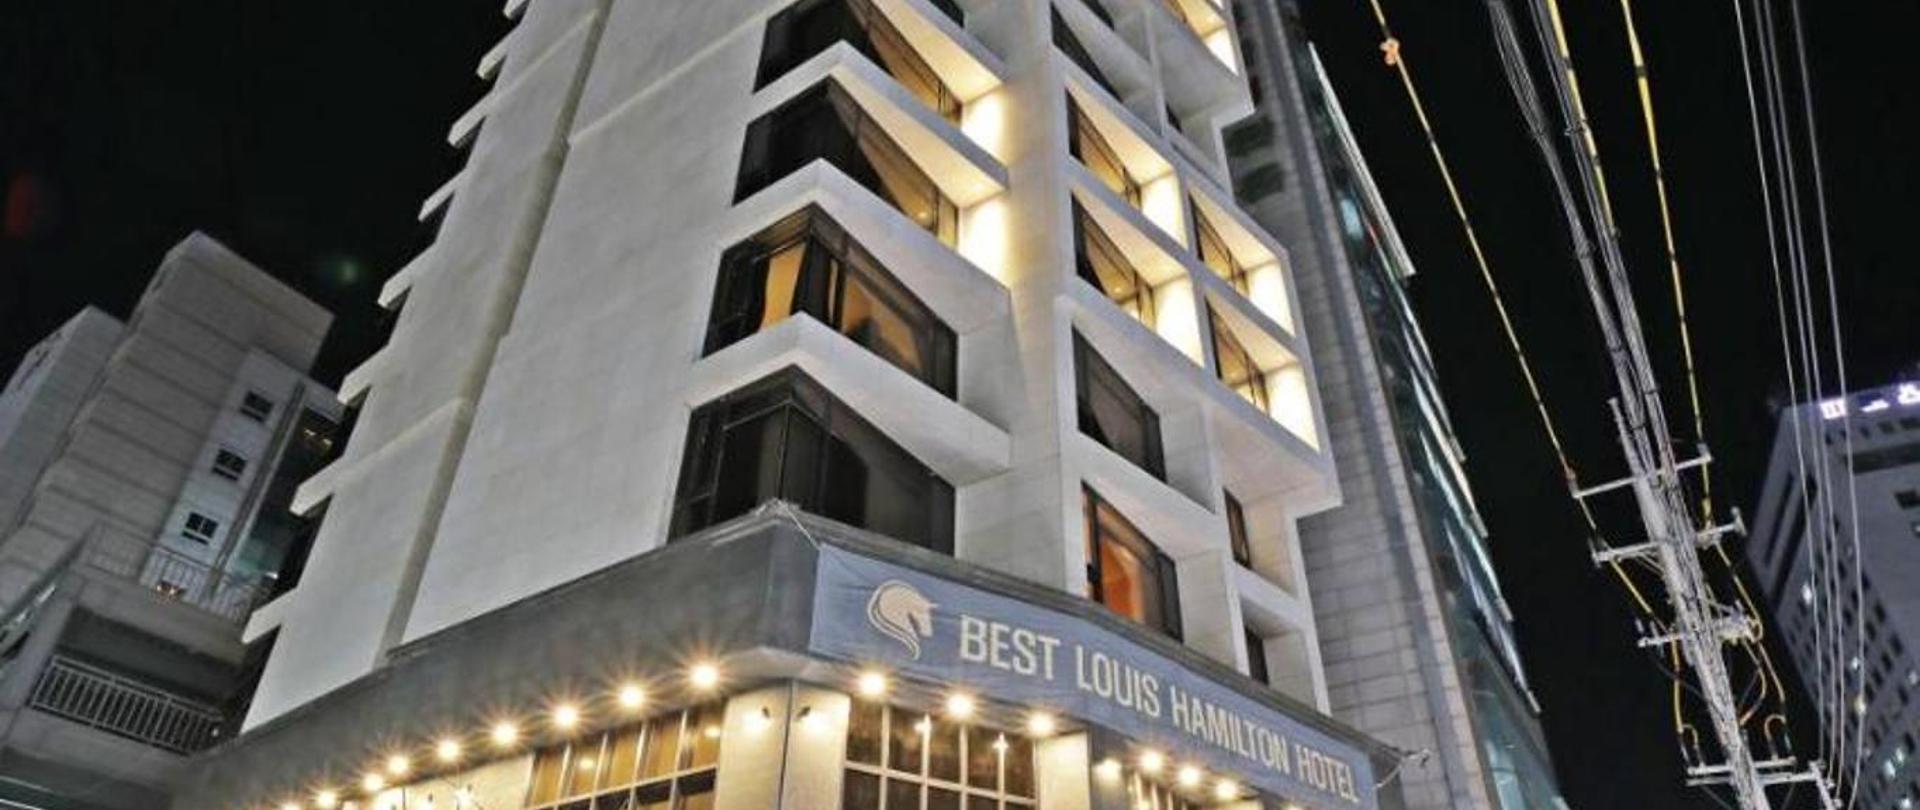 Best Louis Hamilton Hotel Gwangan